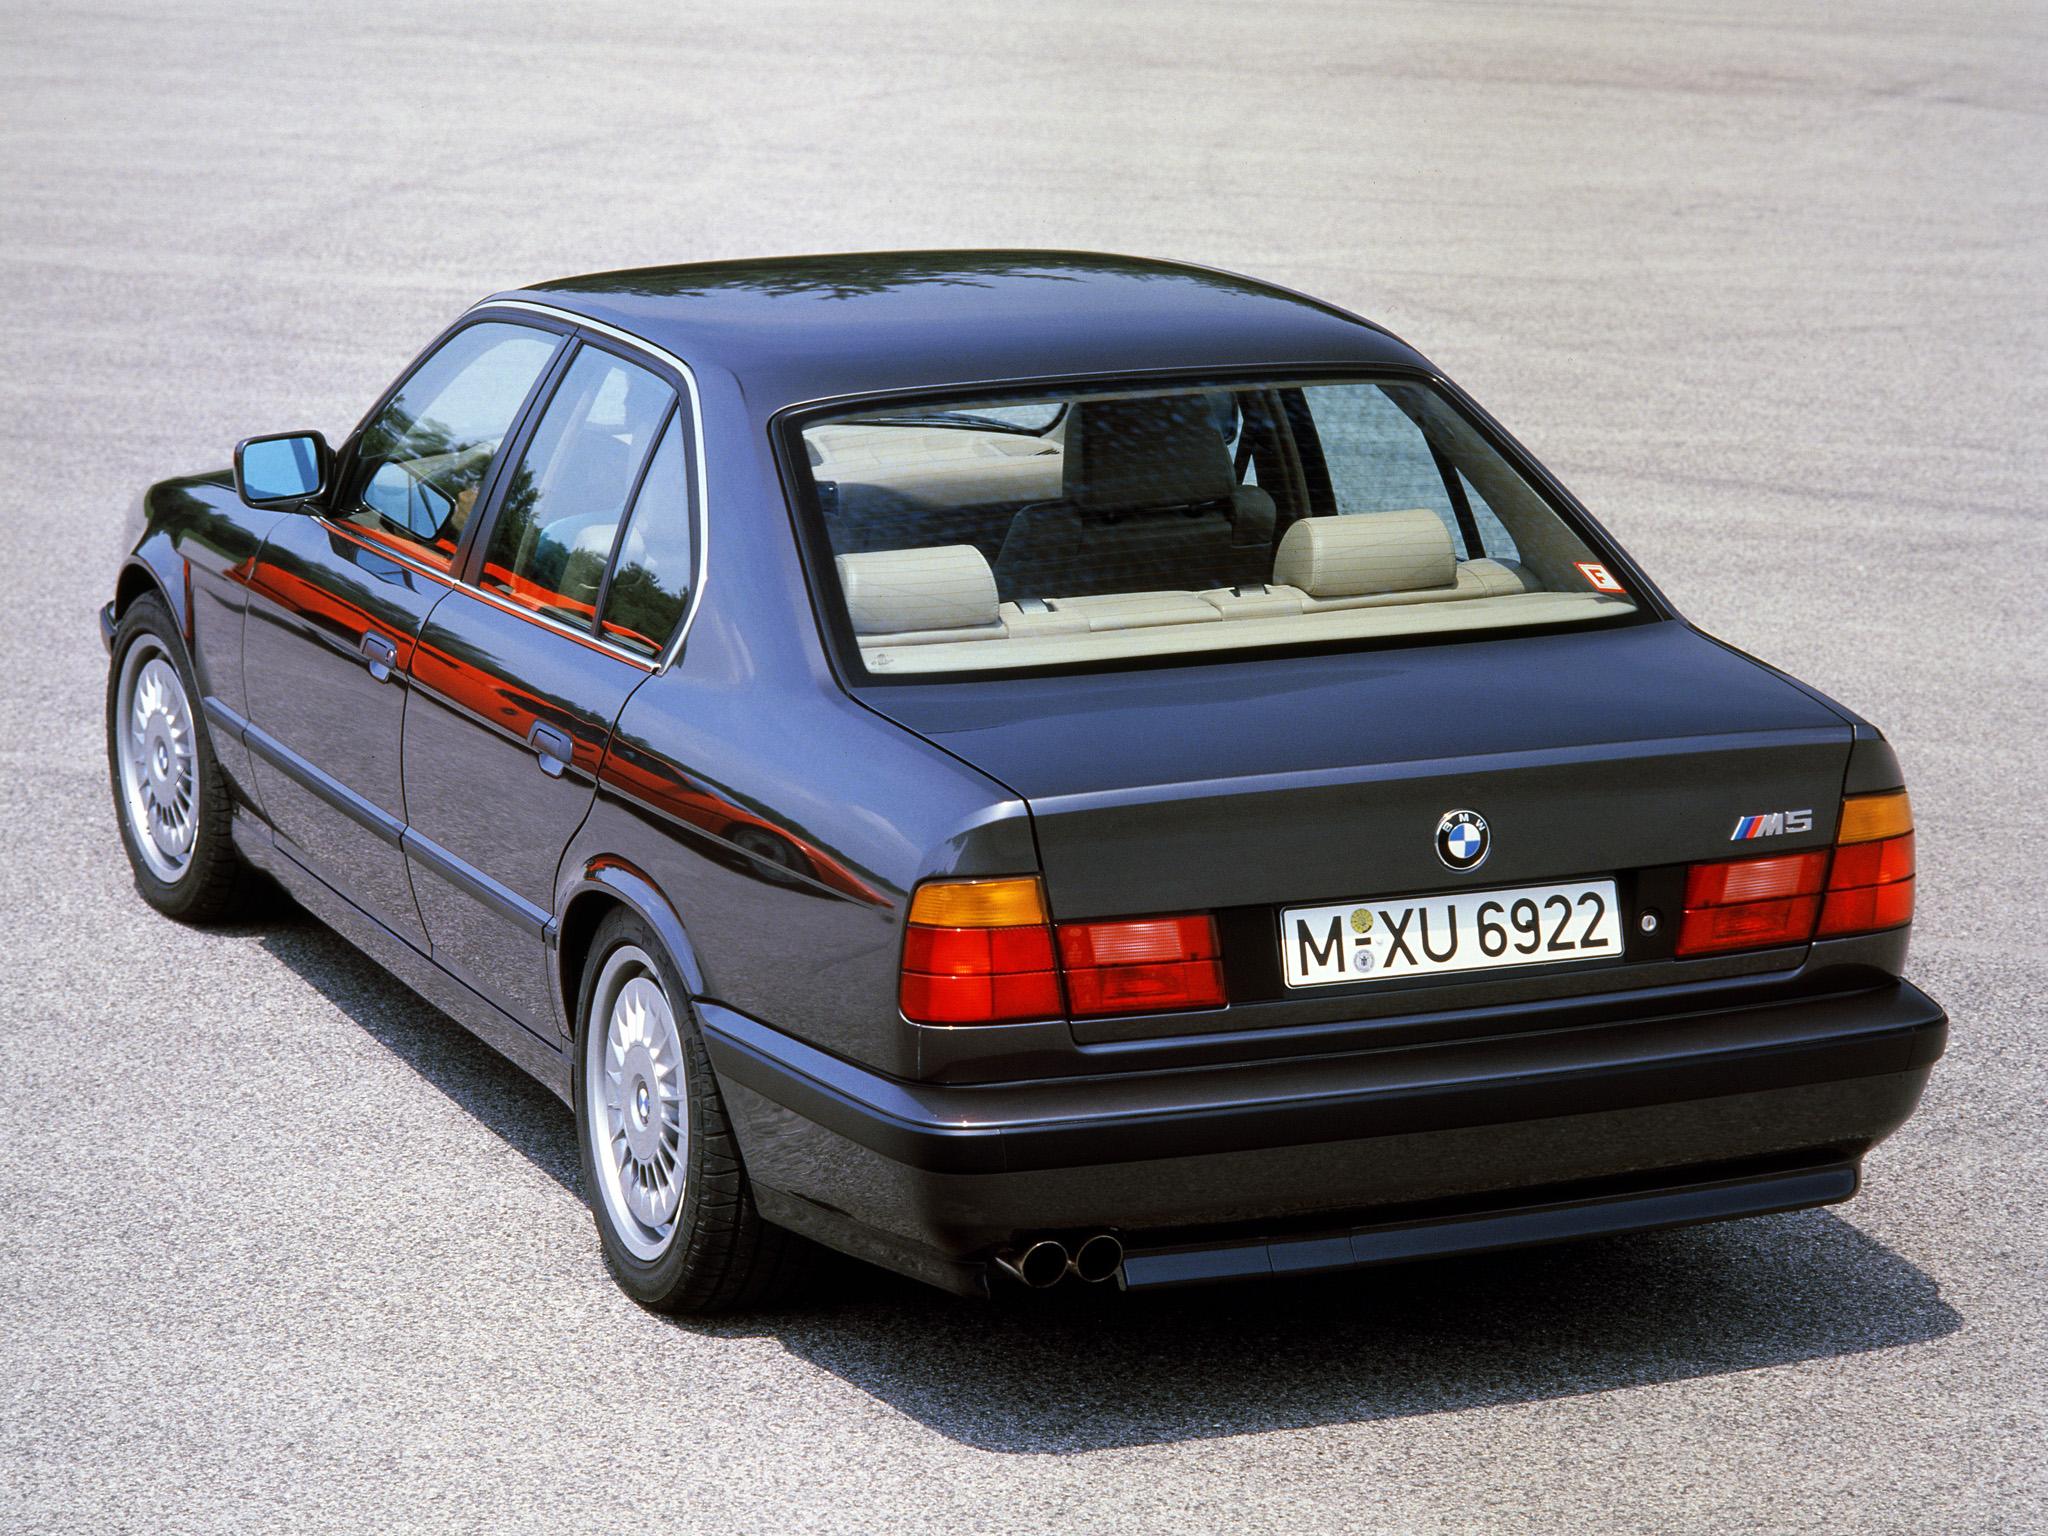 BMW M5 i generation E34. Kanske är den märkets snyggaste sedankaross någonsin?!